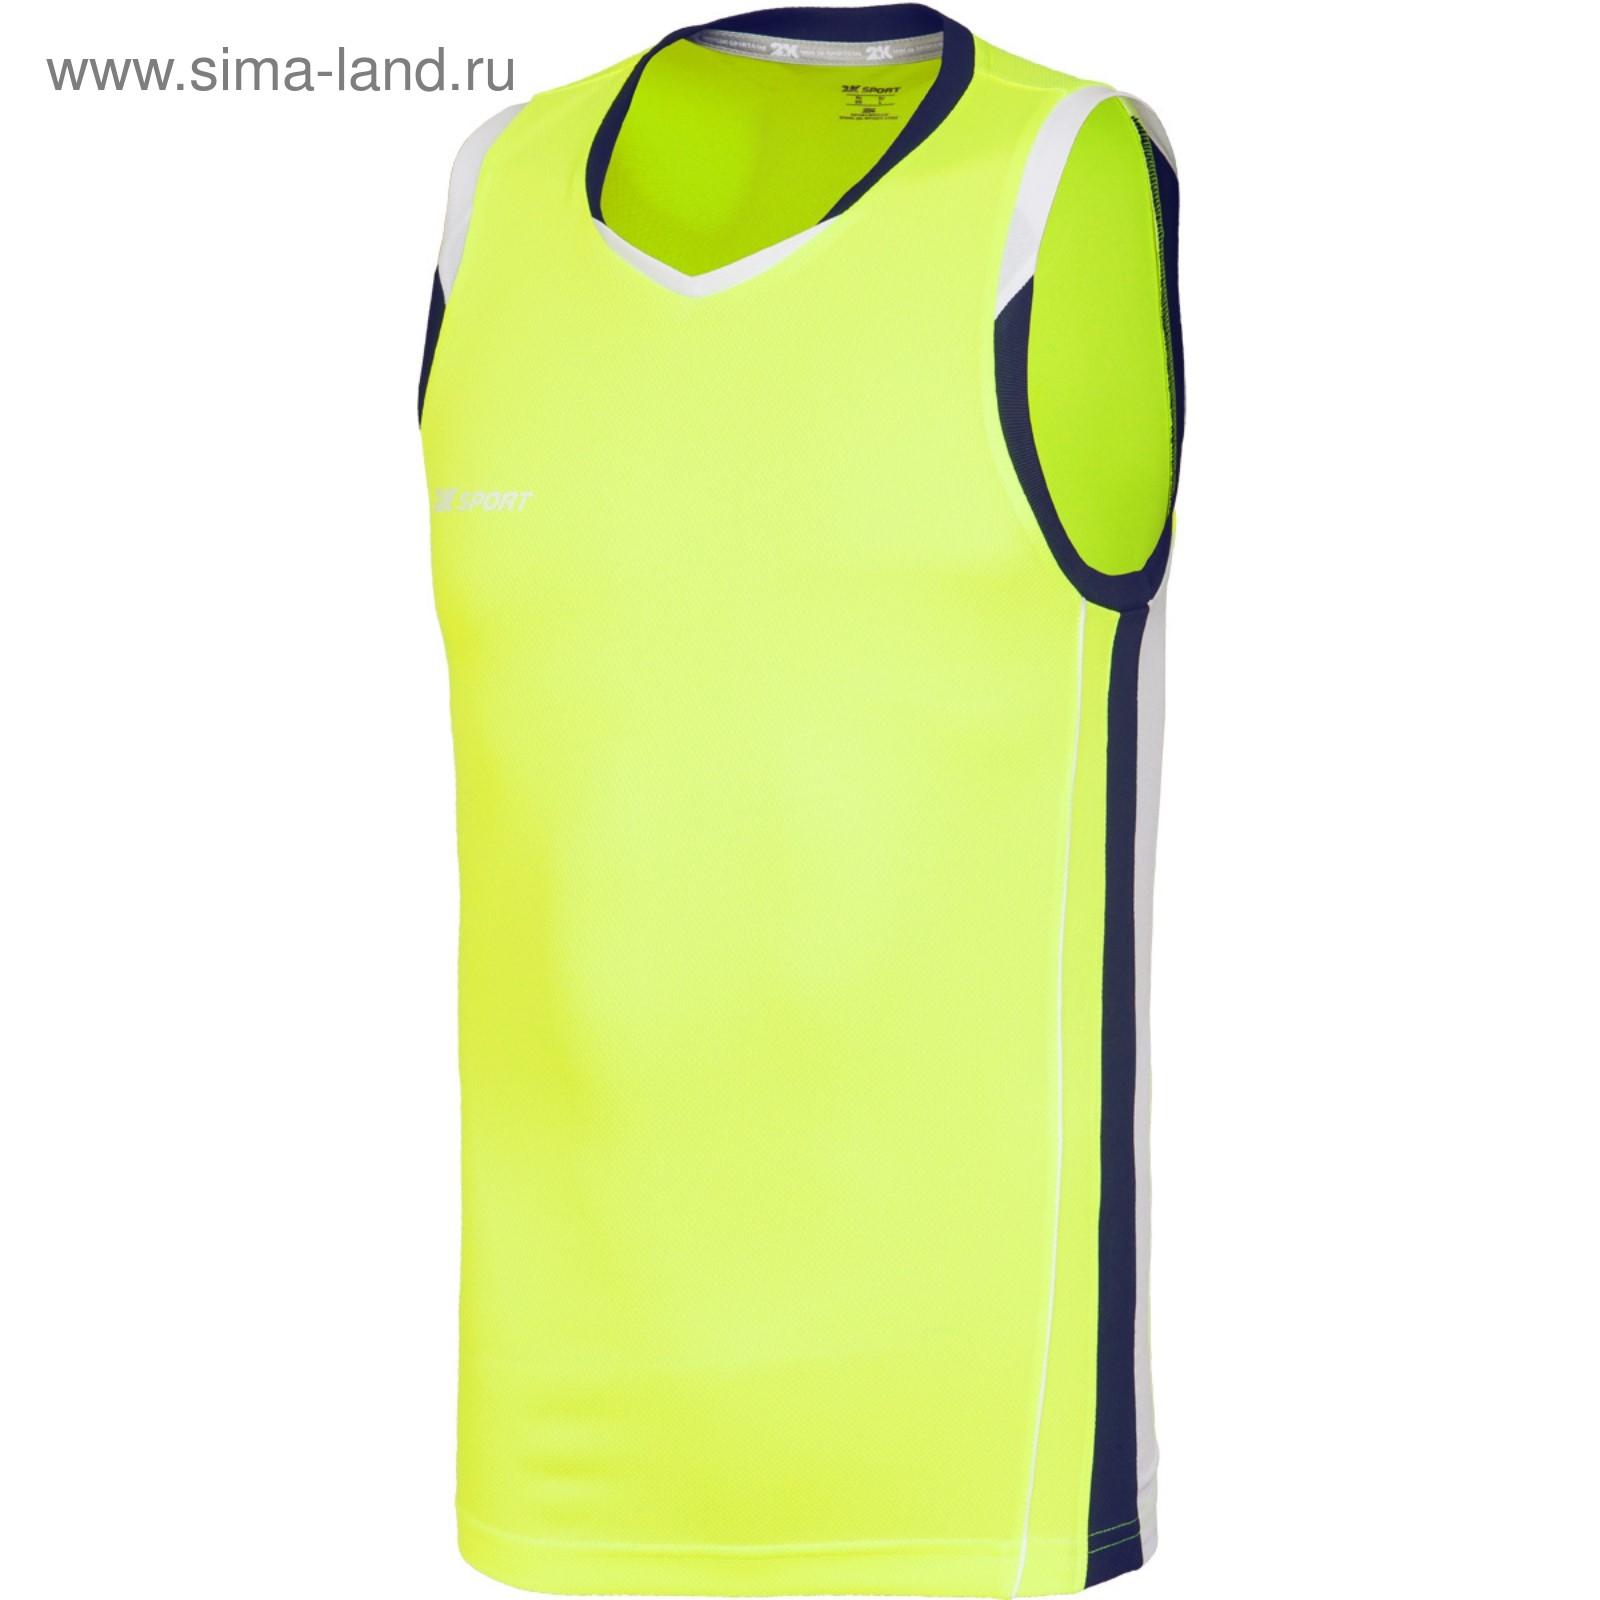 7b40d6bc Баскетбольная игровая майка 2K Sport Advance neon-lemon/navy/white ...